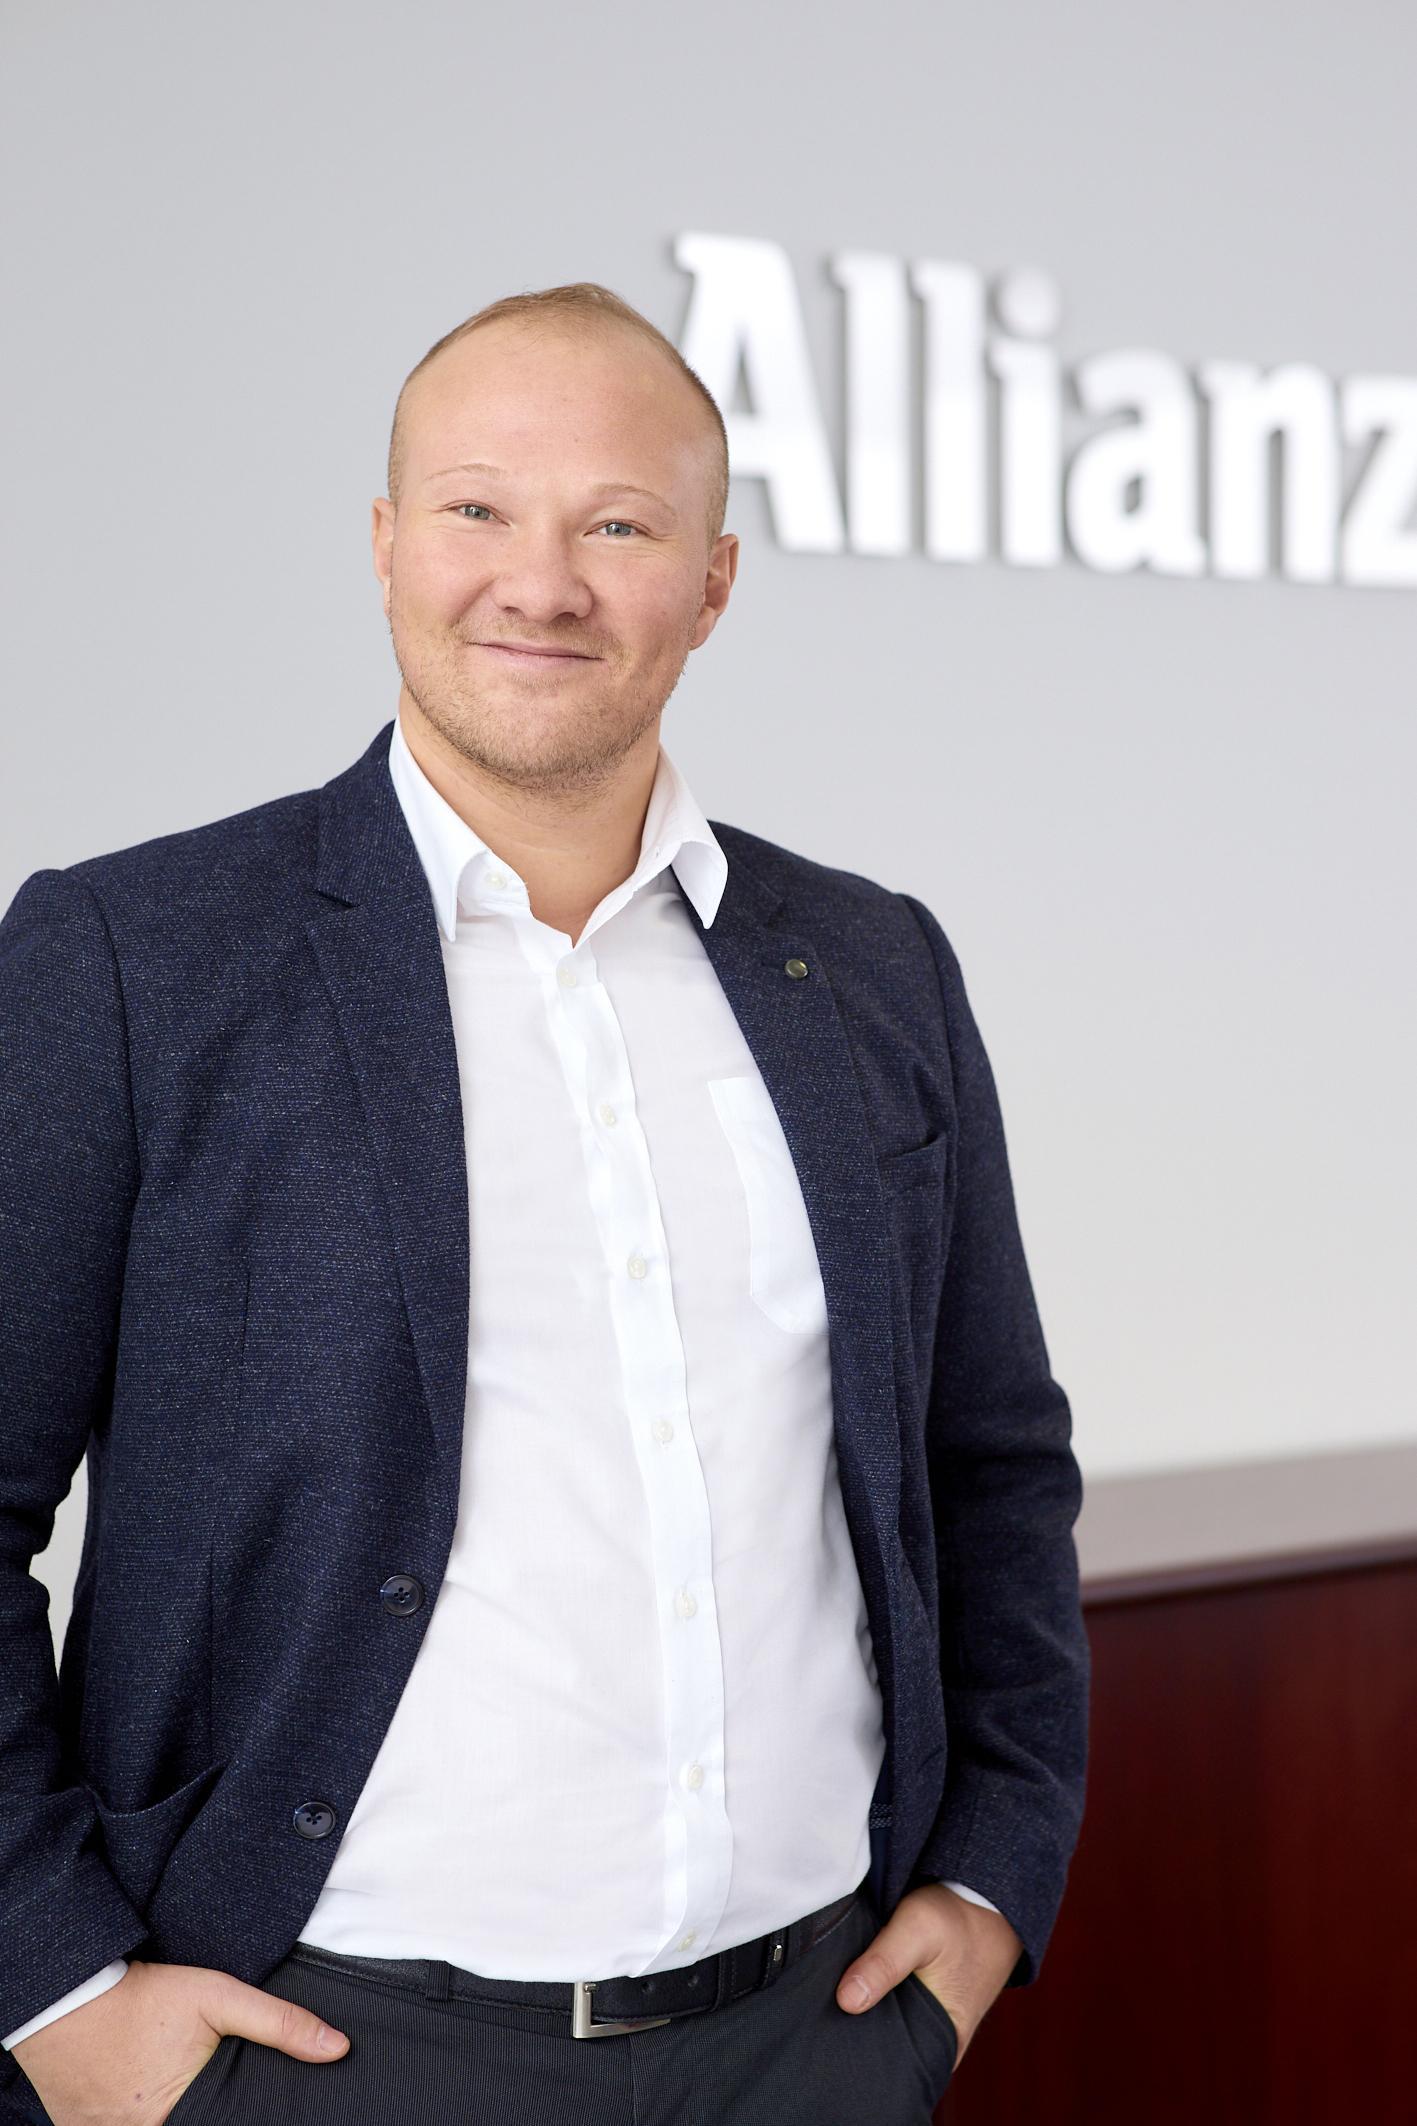 Isim Schakirow Allianz Versicherungen Karriere Göttingen